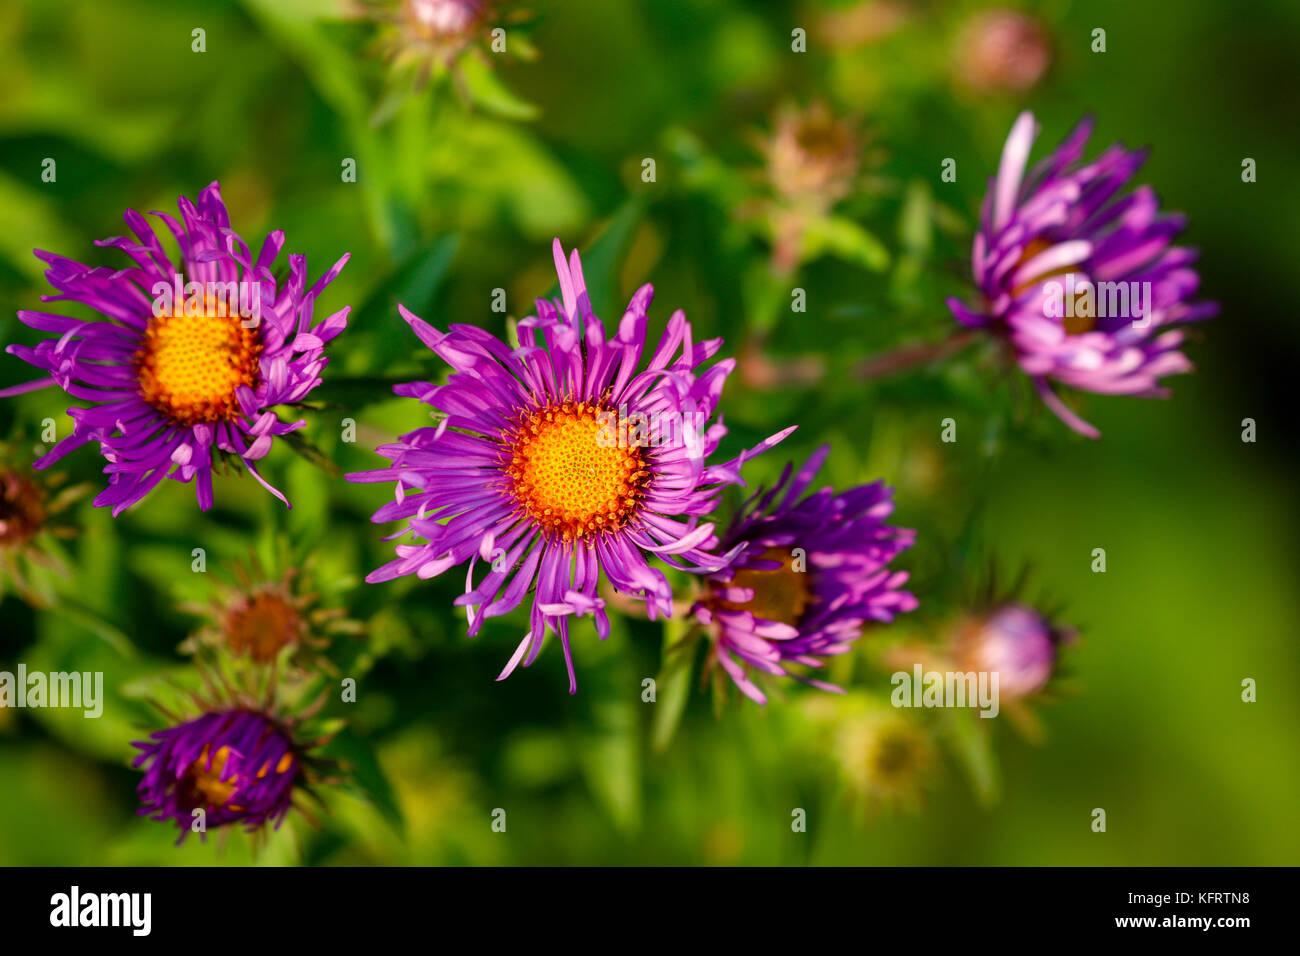 New England Aster (Symphyotrichum novae-angliae), Dodge Nature Center, Mendota Heights, Minnesota, USA - Stock Image